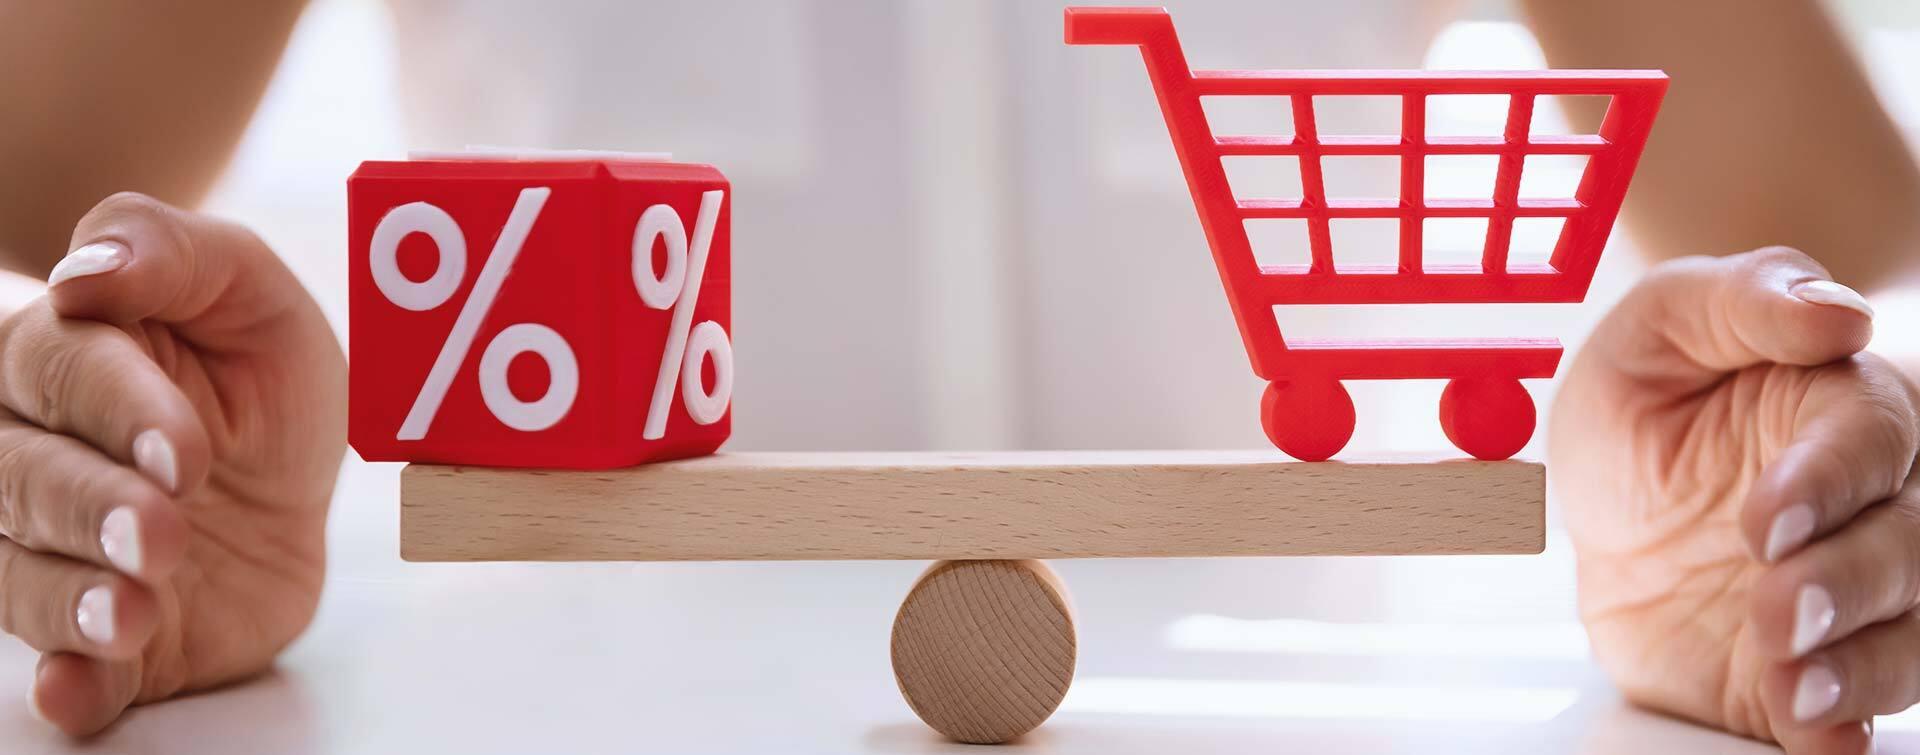 Jak działają porównywarki cenowe i dlaczego warto z nich korzystać?